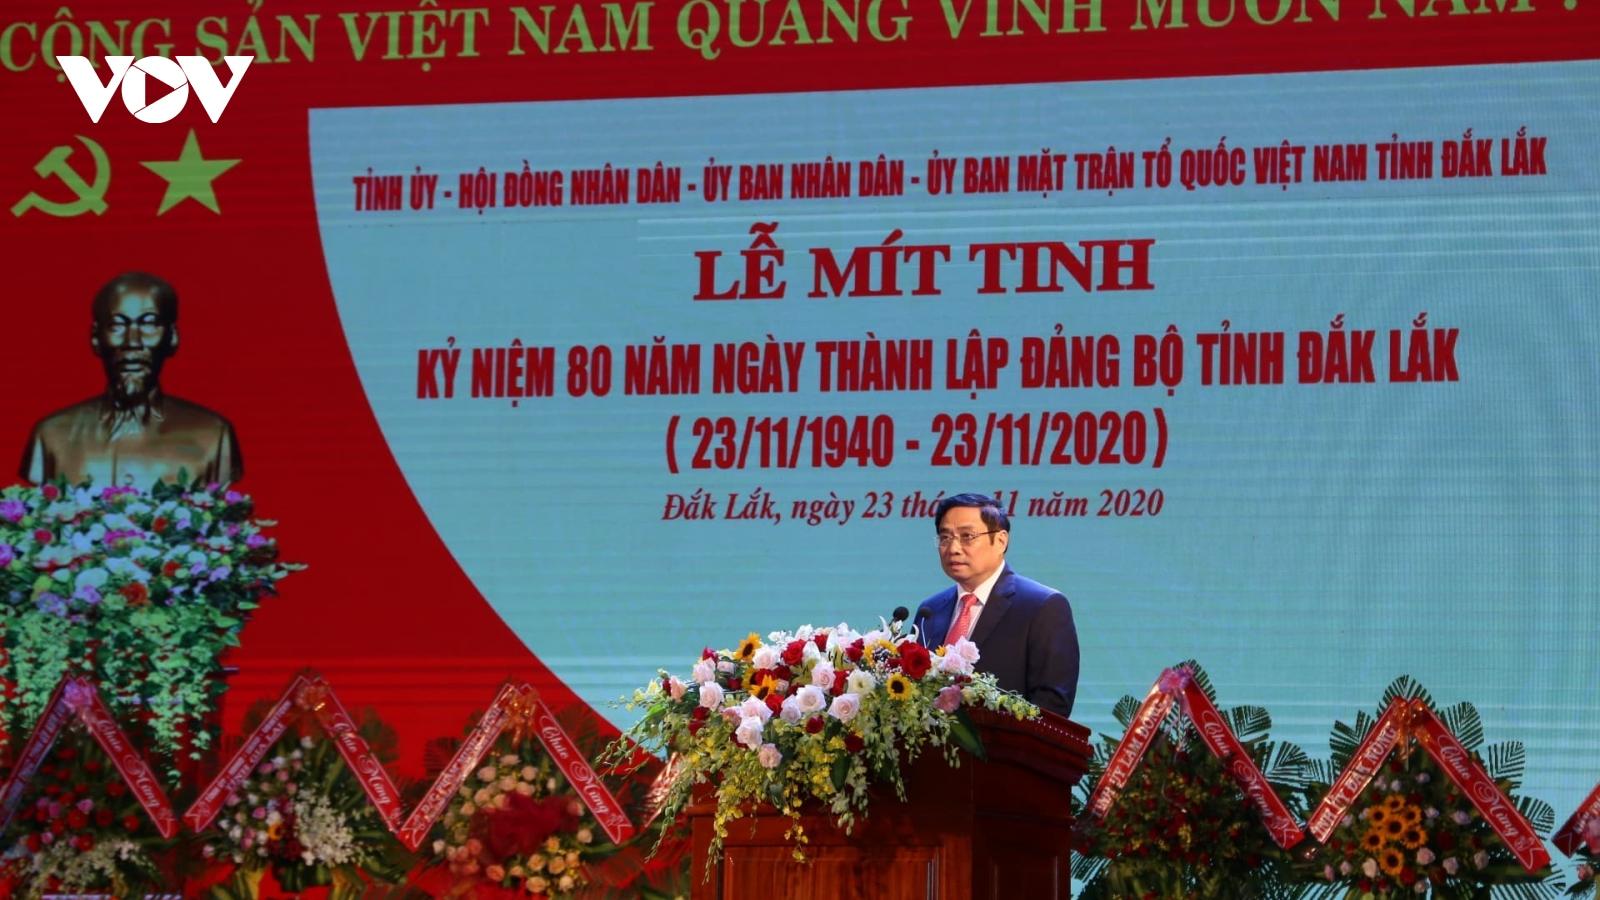 Ông Phạm Minh Chính dự lễ kỷ niệm 80 năm thành lập Đảng bộ tỉnh Đắk Lắk